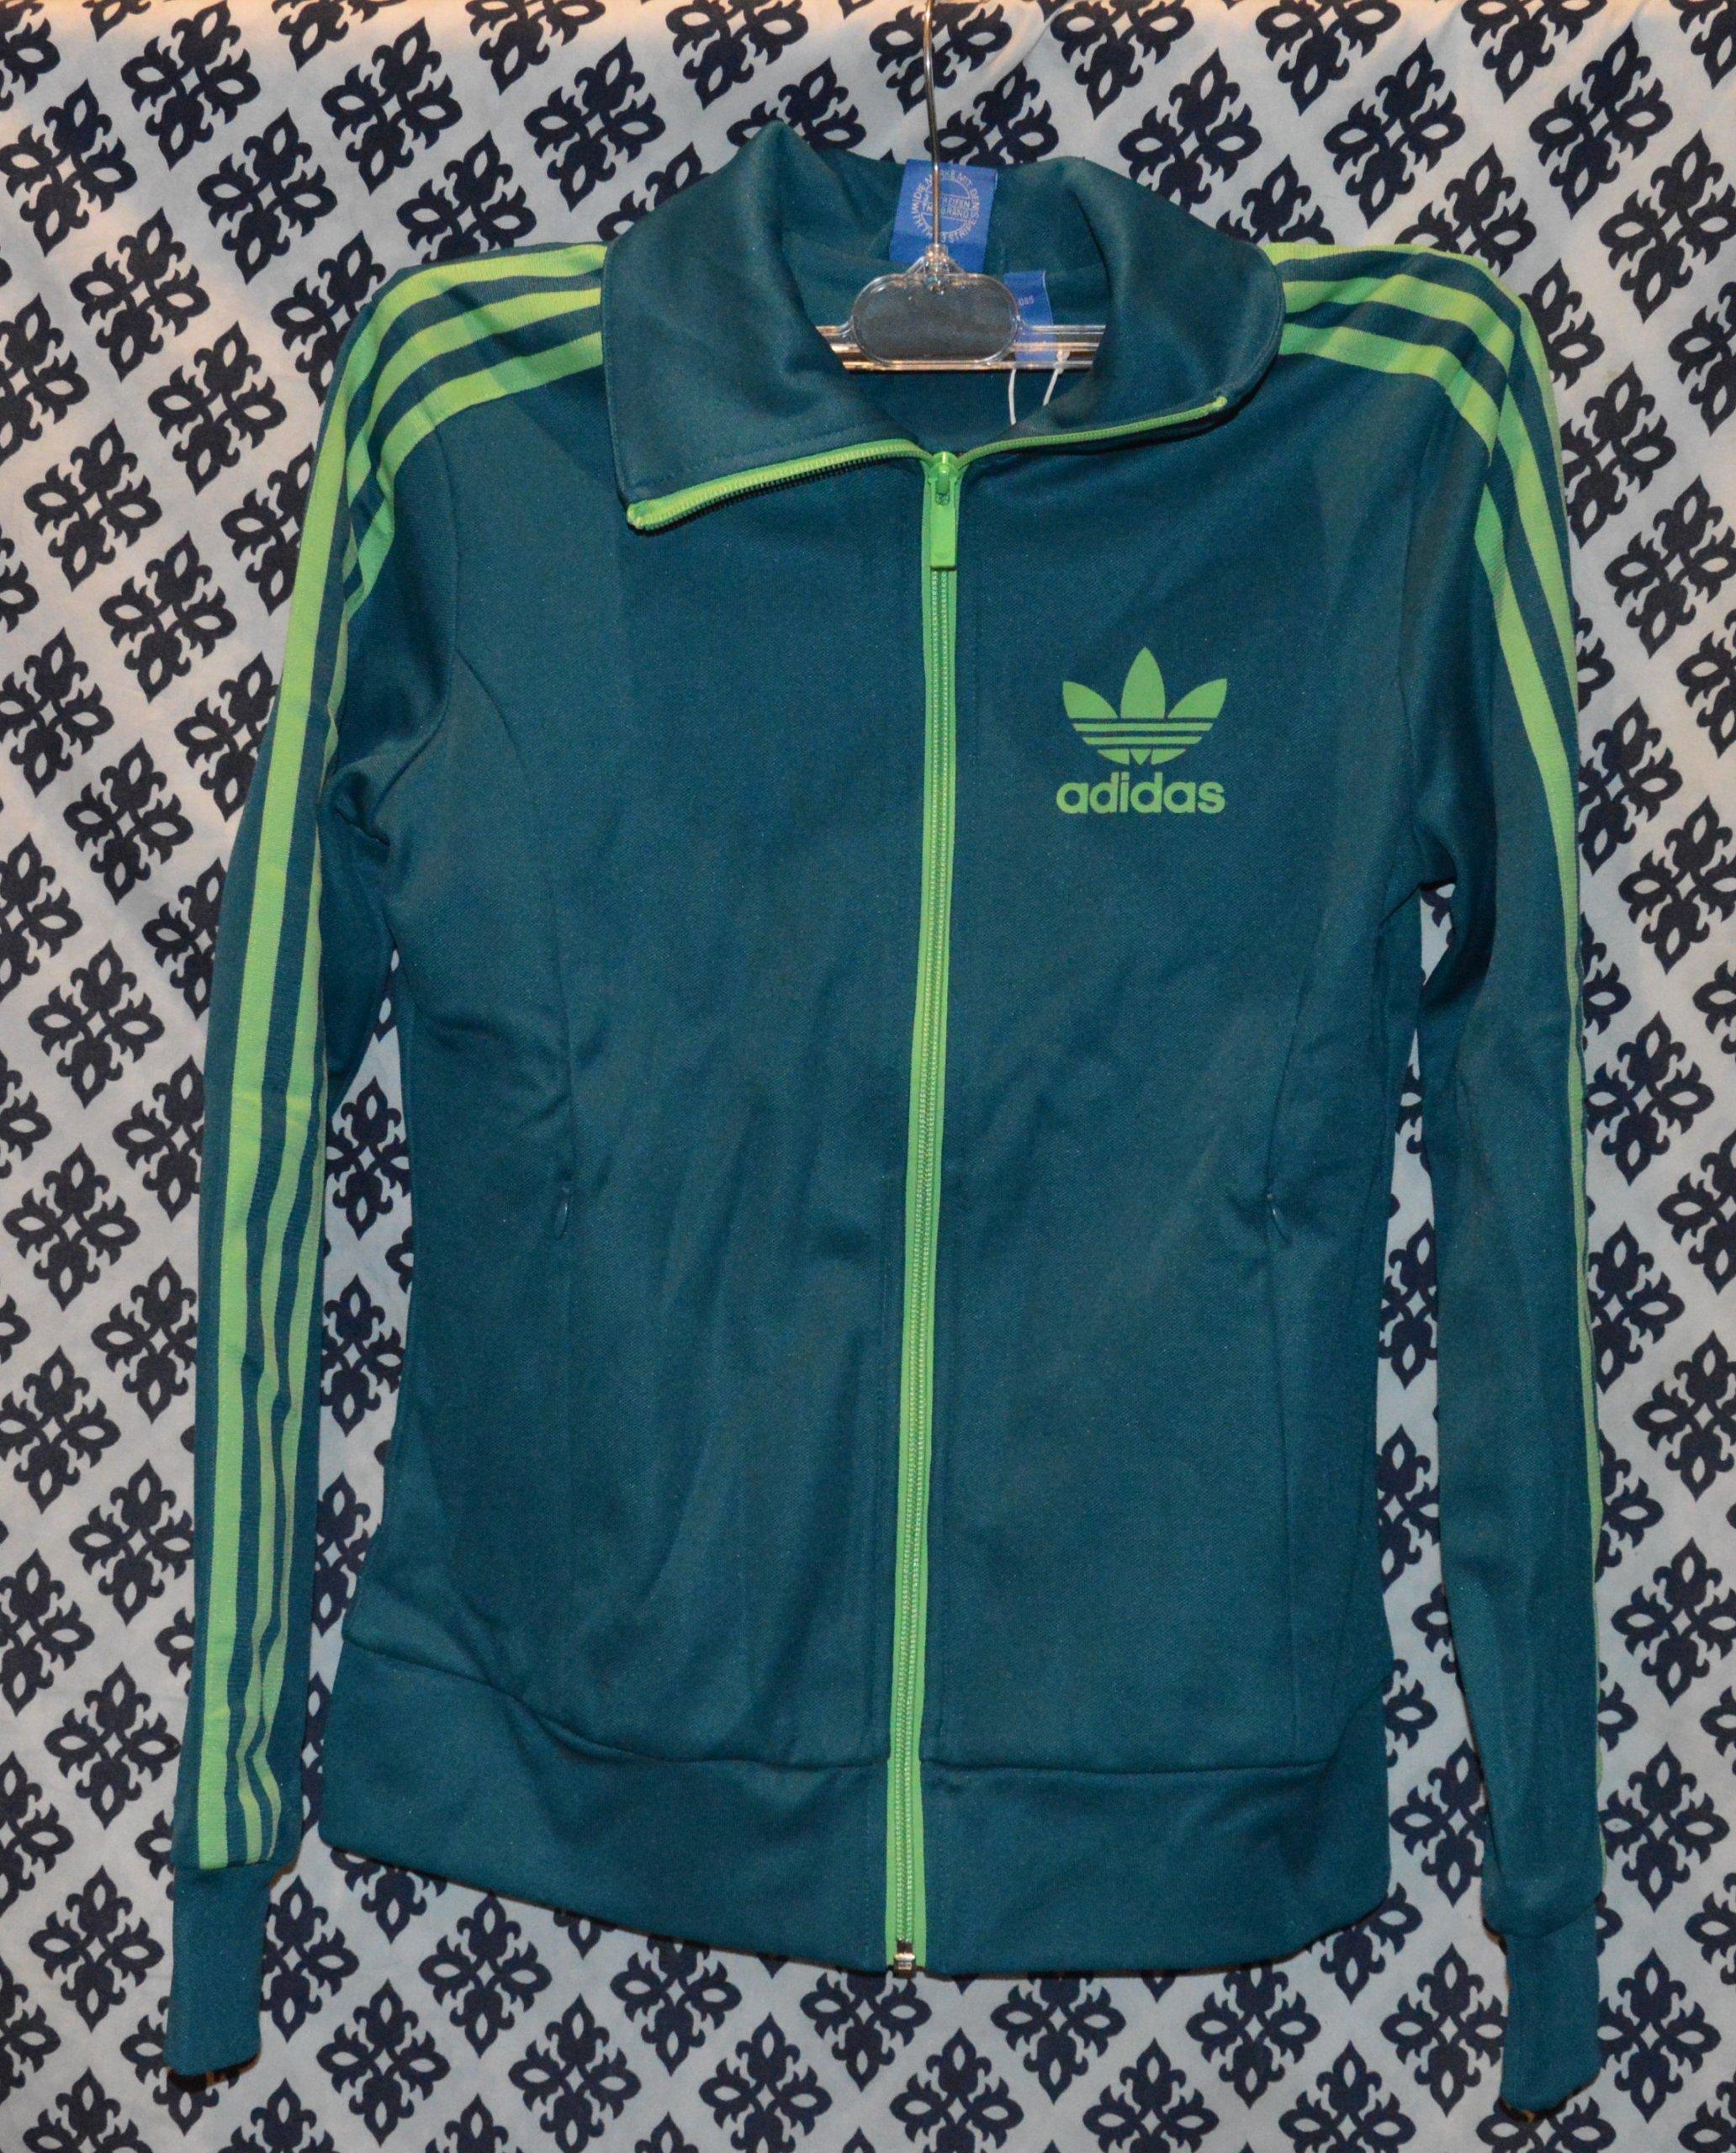 sprzedaż uk najnowsza zniżka najnowsza kolekcja Oryginalna Bluza damska ADIDAS rozpinana - 7127278365 ...